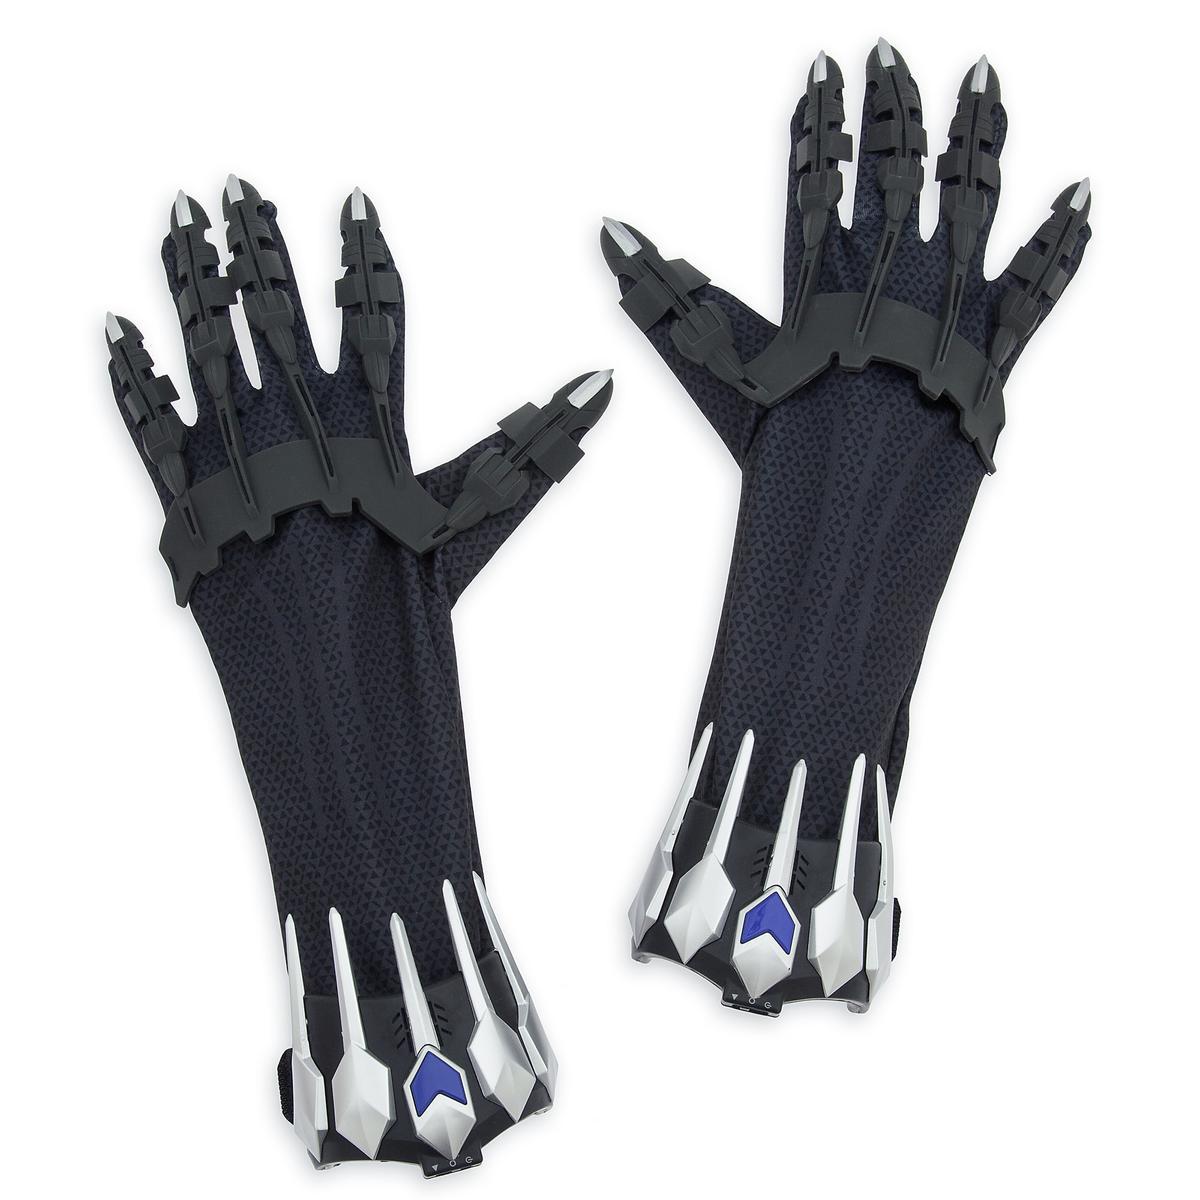 ブラックパンサー 音が鳴る 手袋 グローブ おもちゃ 子供 男の子 マーベル アメコミ ヒーロー コスプレ 仮装